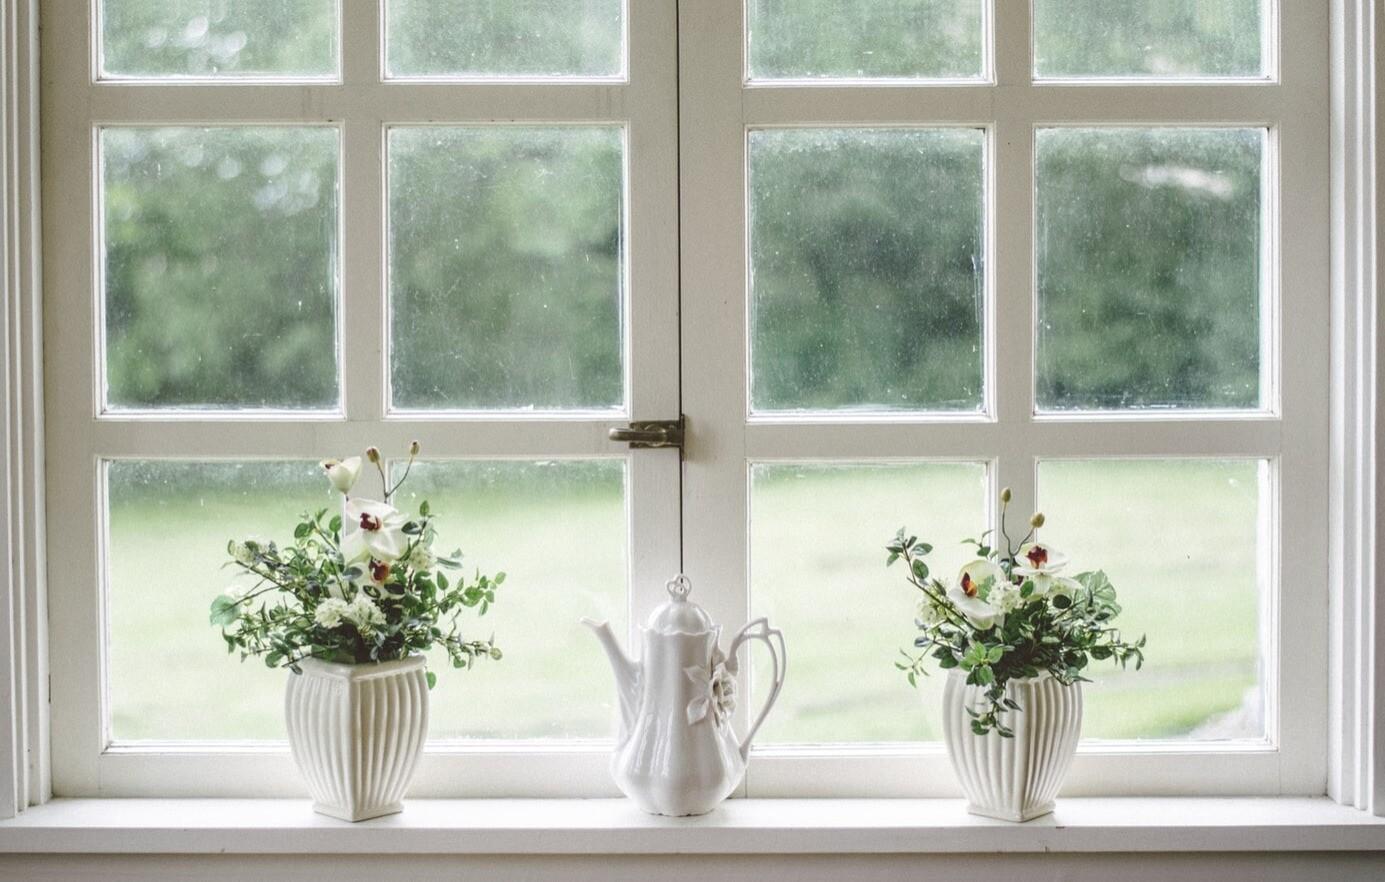 Защита от сквозняков и мороза: как утеплить старые деревянные окна на зиму